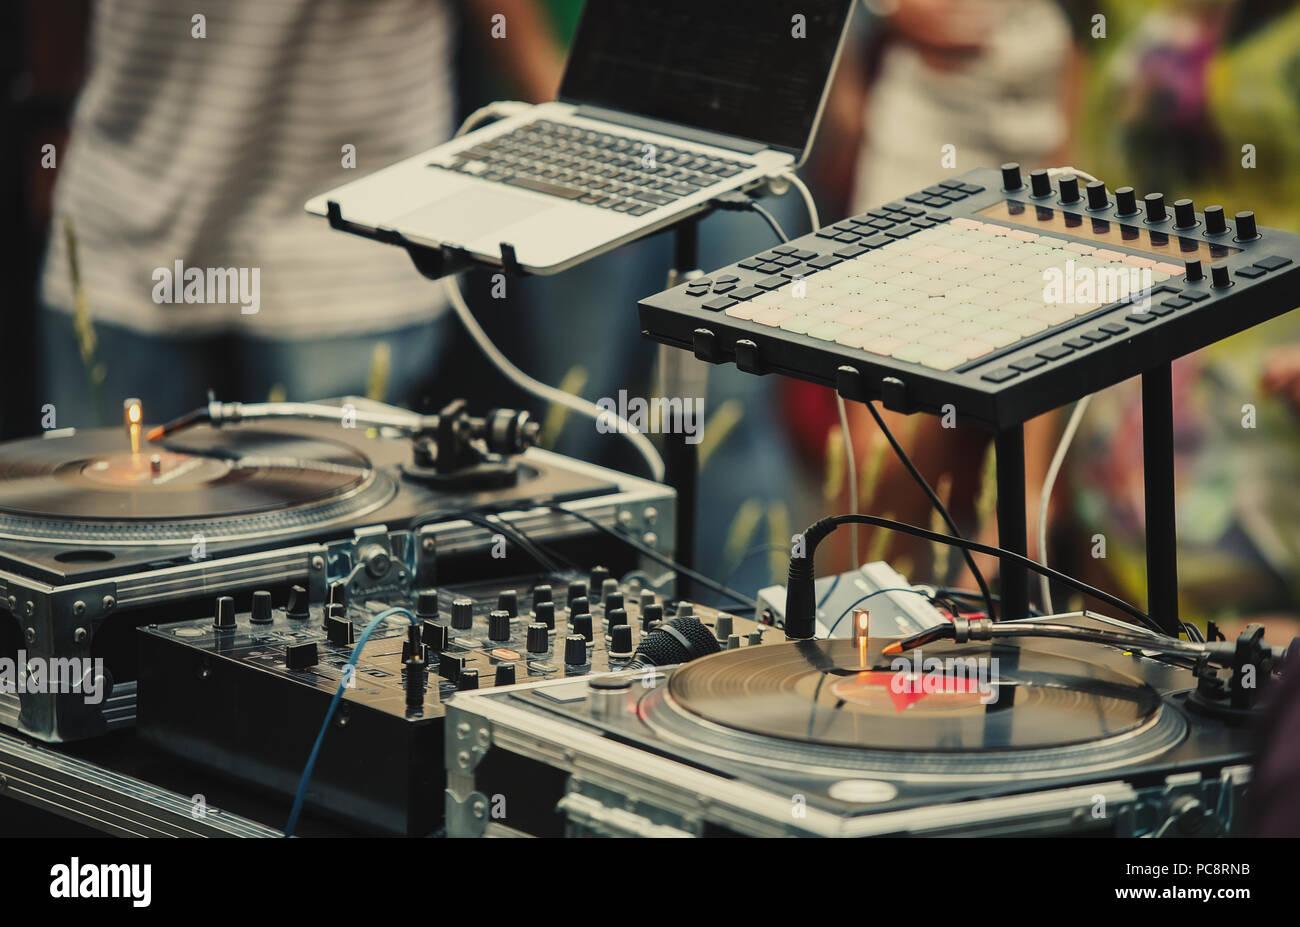 Professionelle Dj Audio Setup Auf Der Bühne Des Summer Open Air